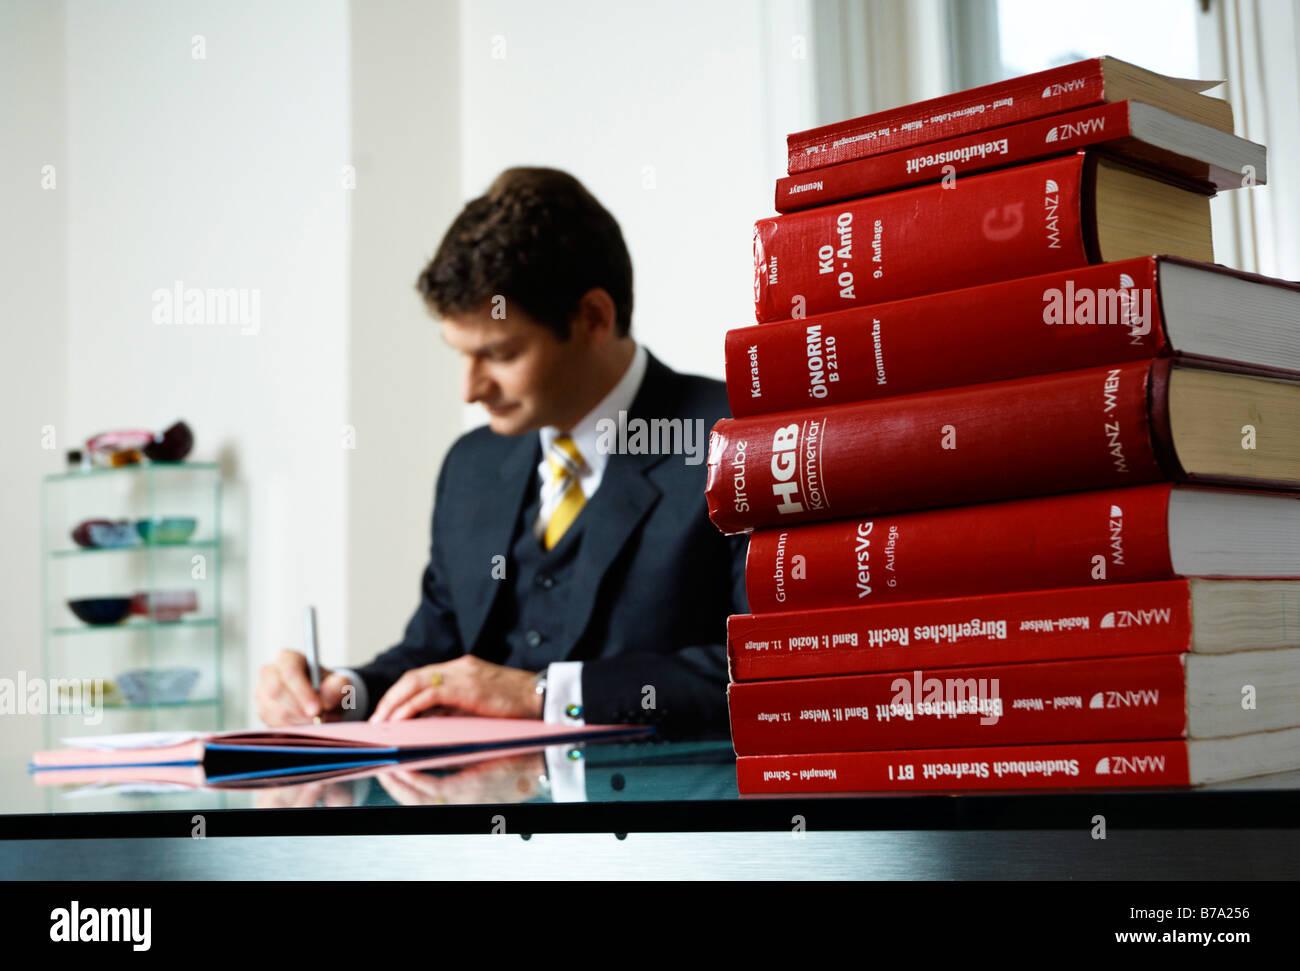 Avvocato e consulente fiscale, consulente di management, la firma di un file a una scrivania Immagini Stock